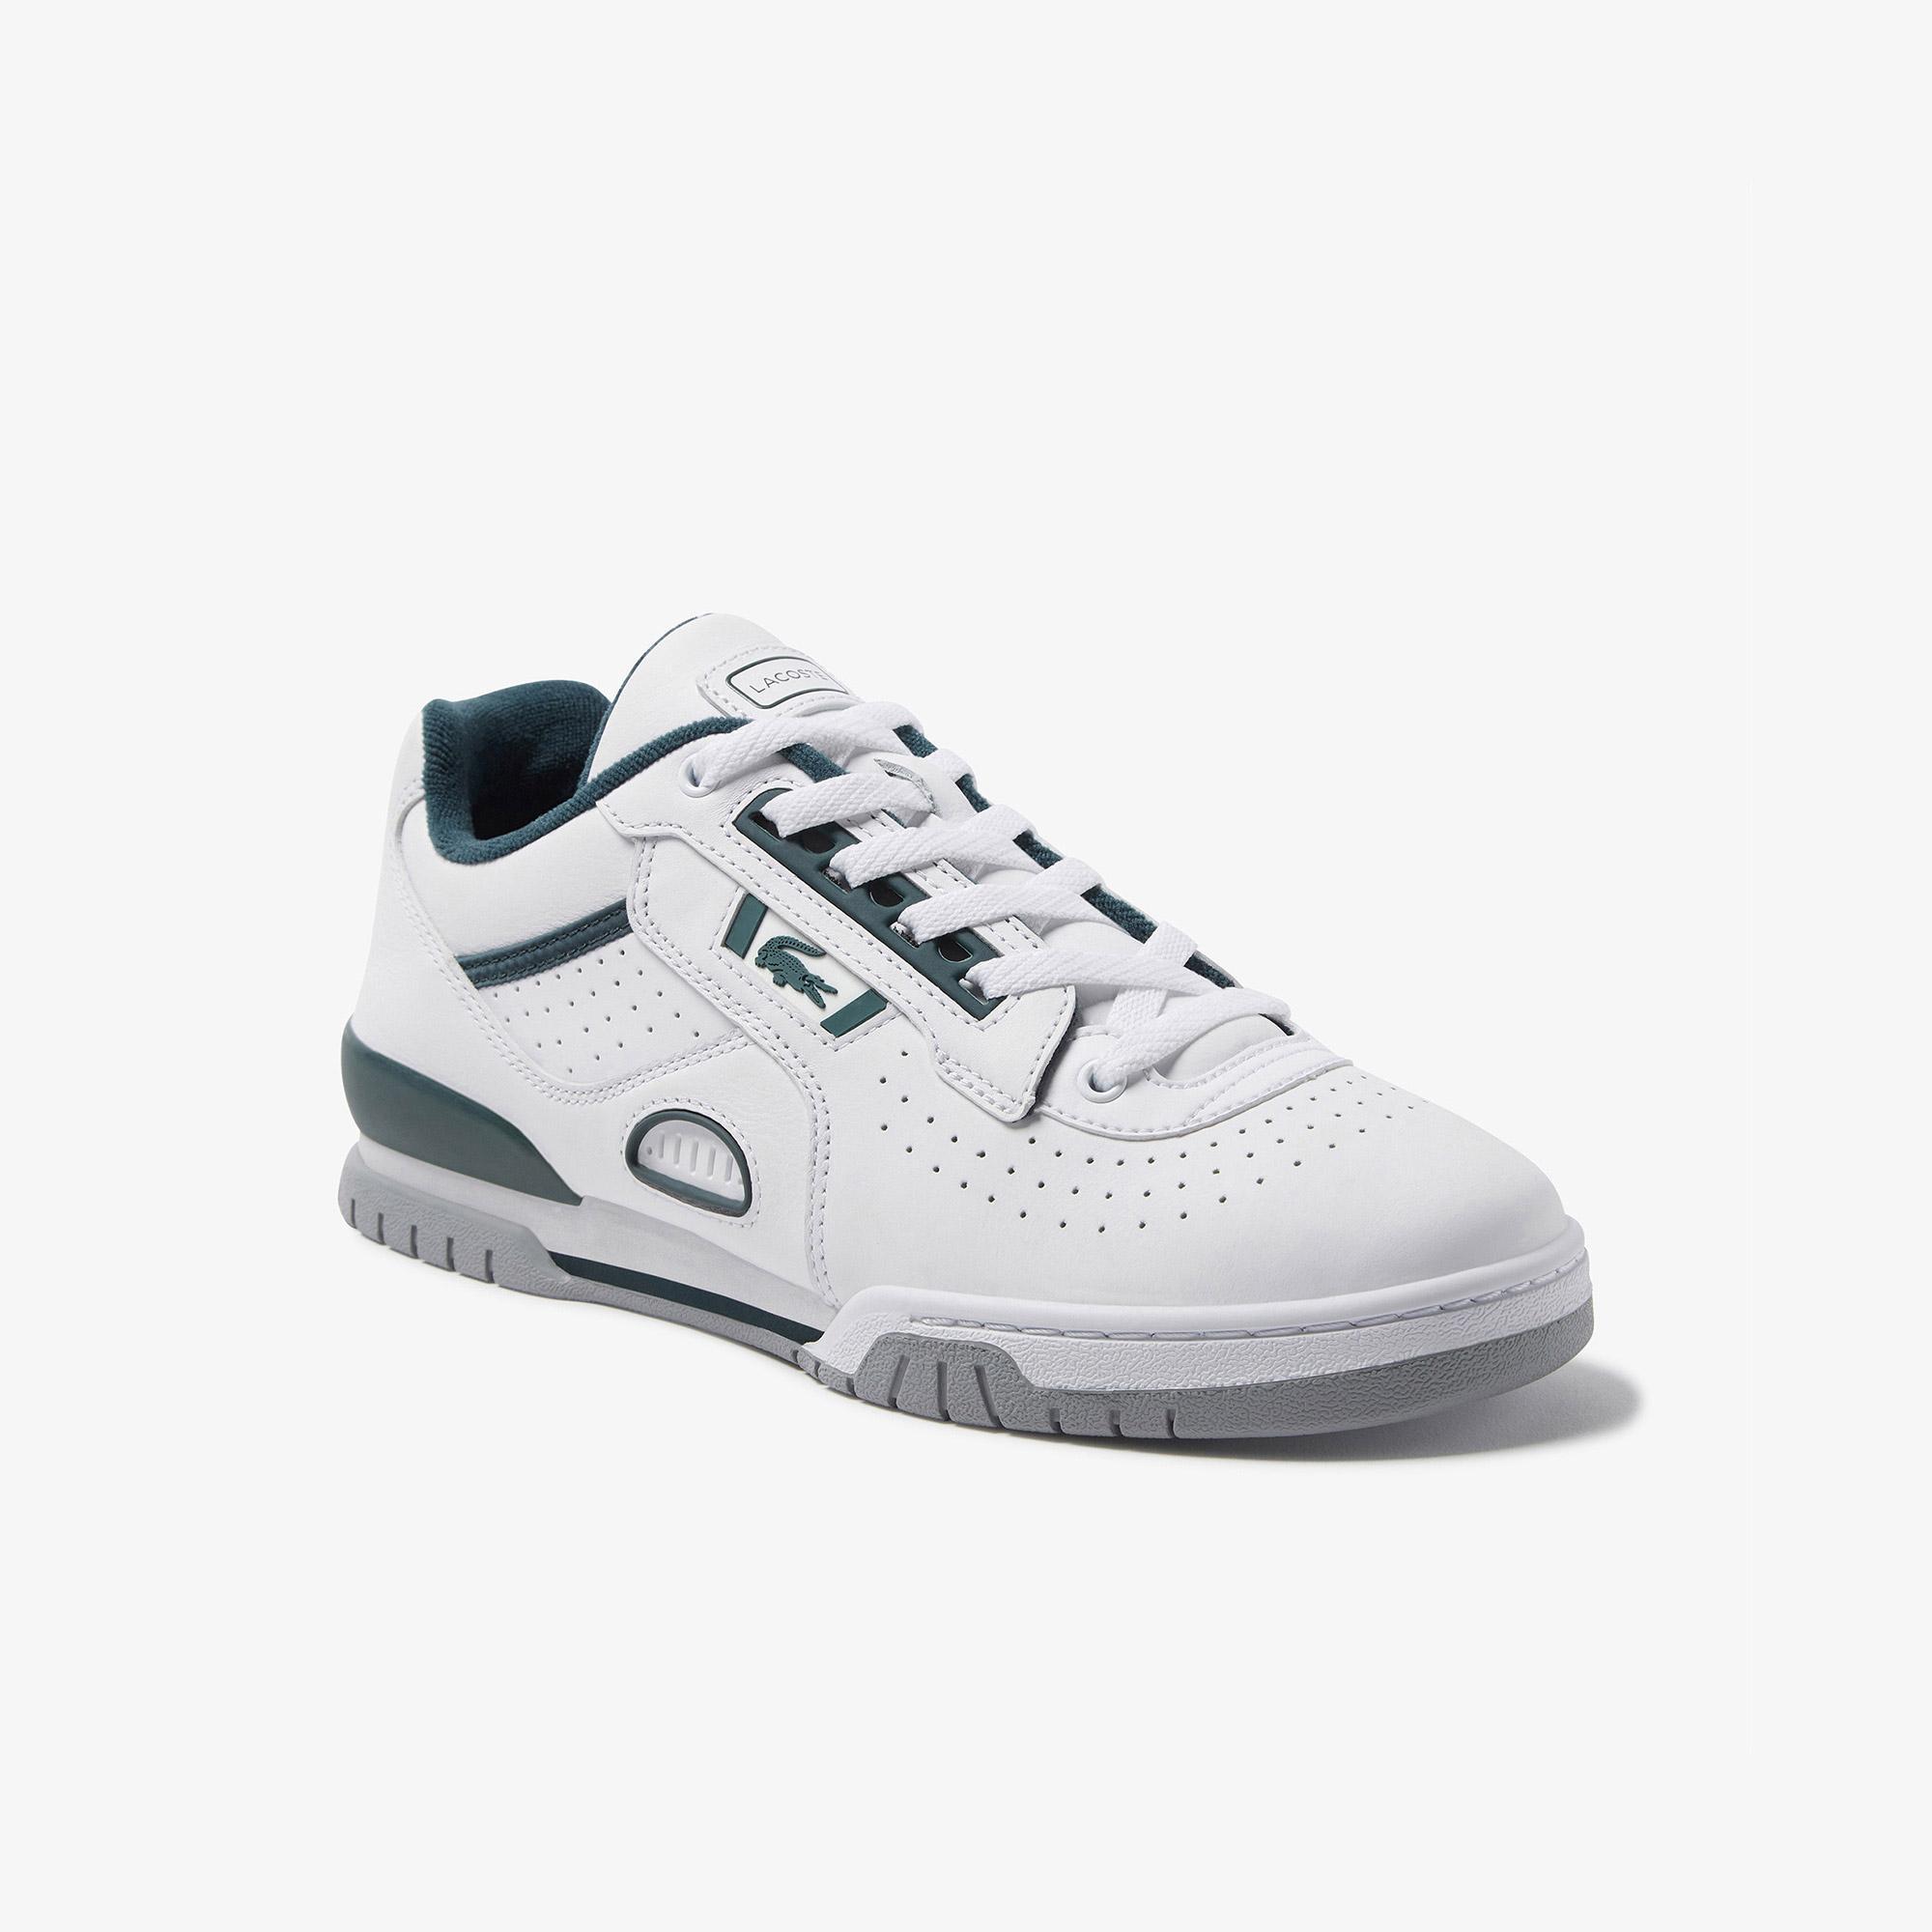 Lacoste Men's M89 OG Sneakers